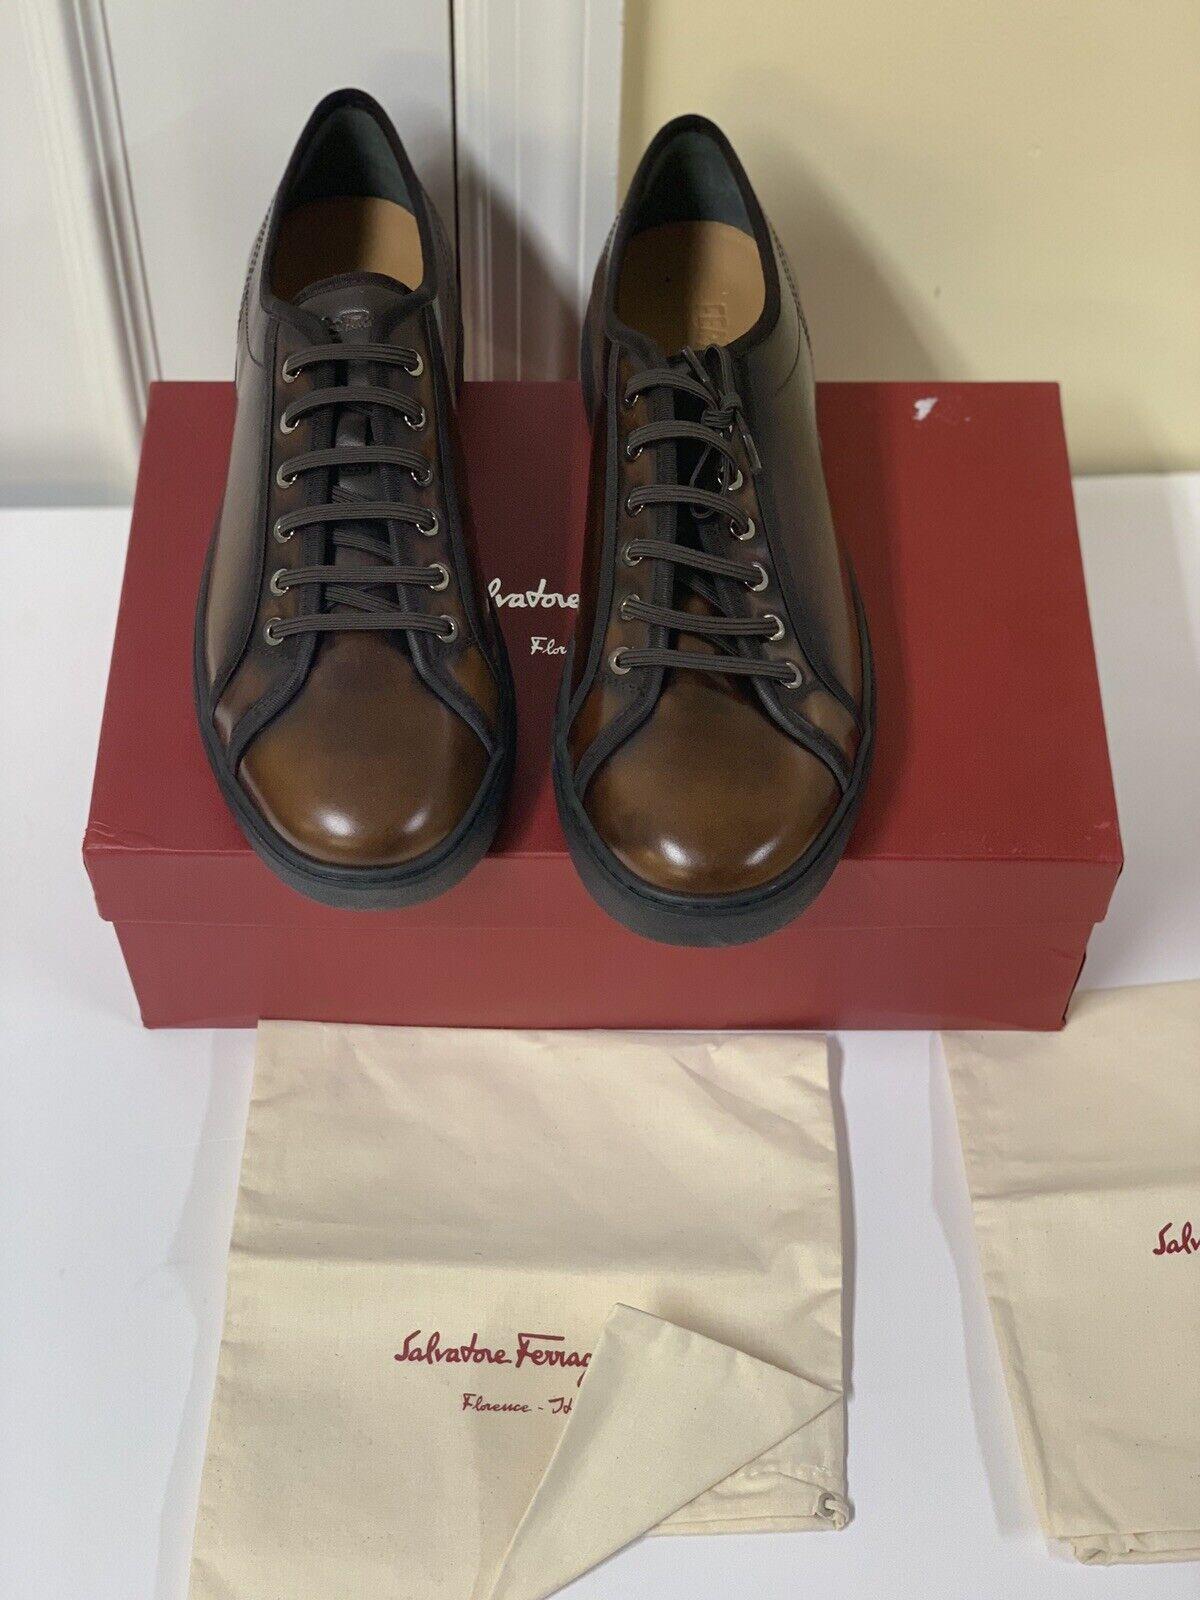 Salvatore Ferragamo zapatillas de cuero Fulton talla de hombre 9 EE nuevo fabricado en Italia